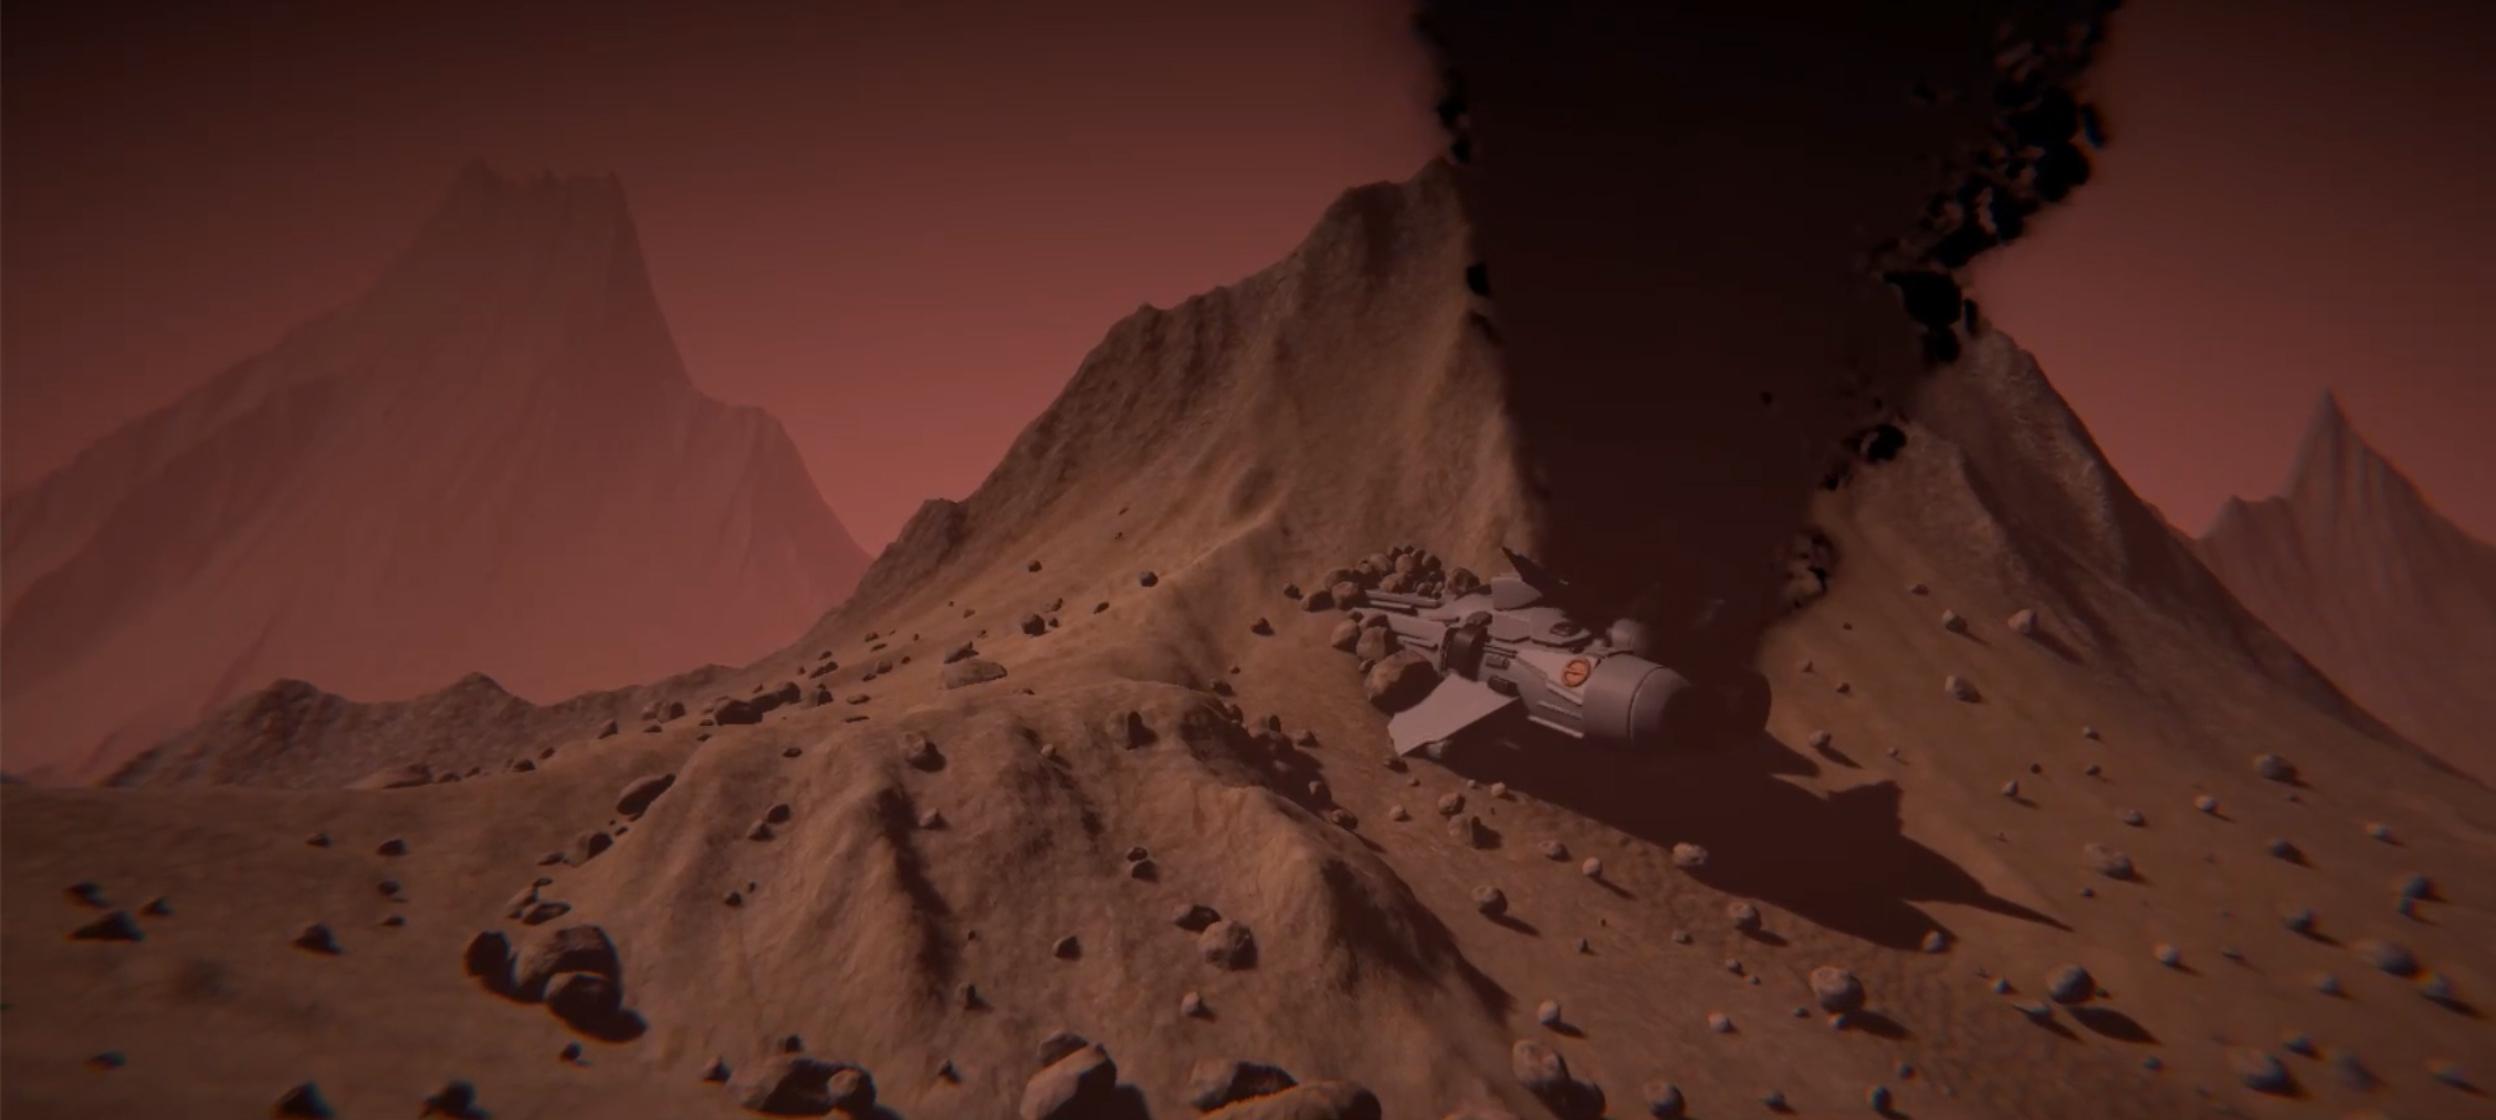 Unplanned Stop on Exoplanet HD7235019b